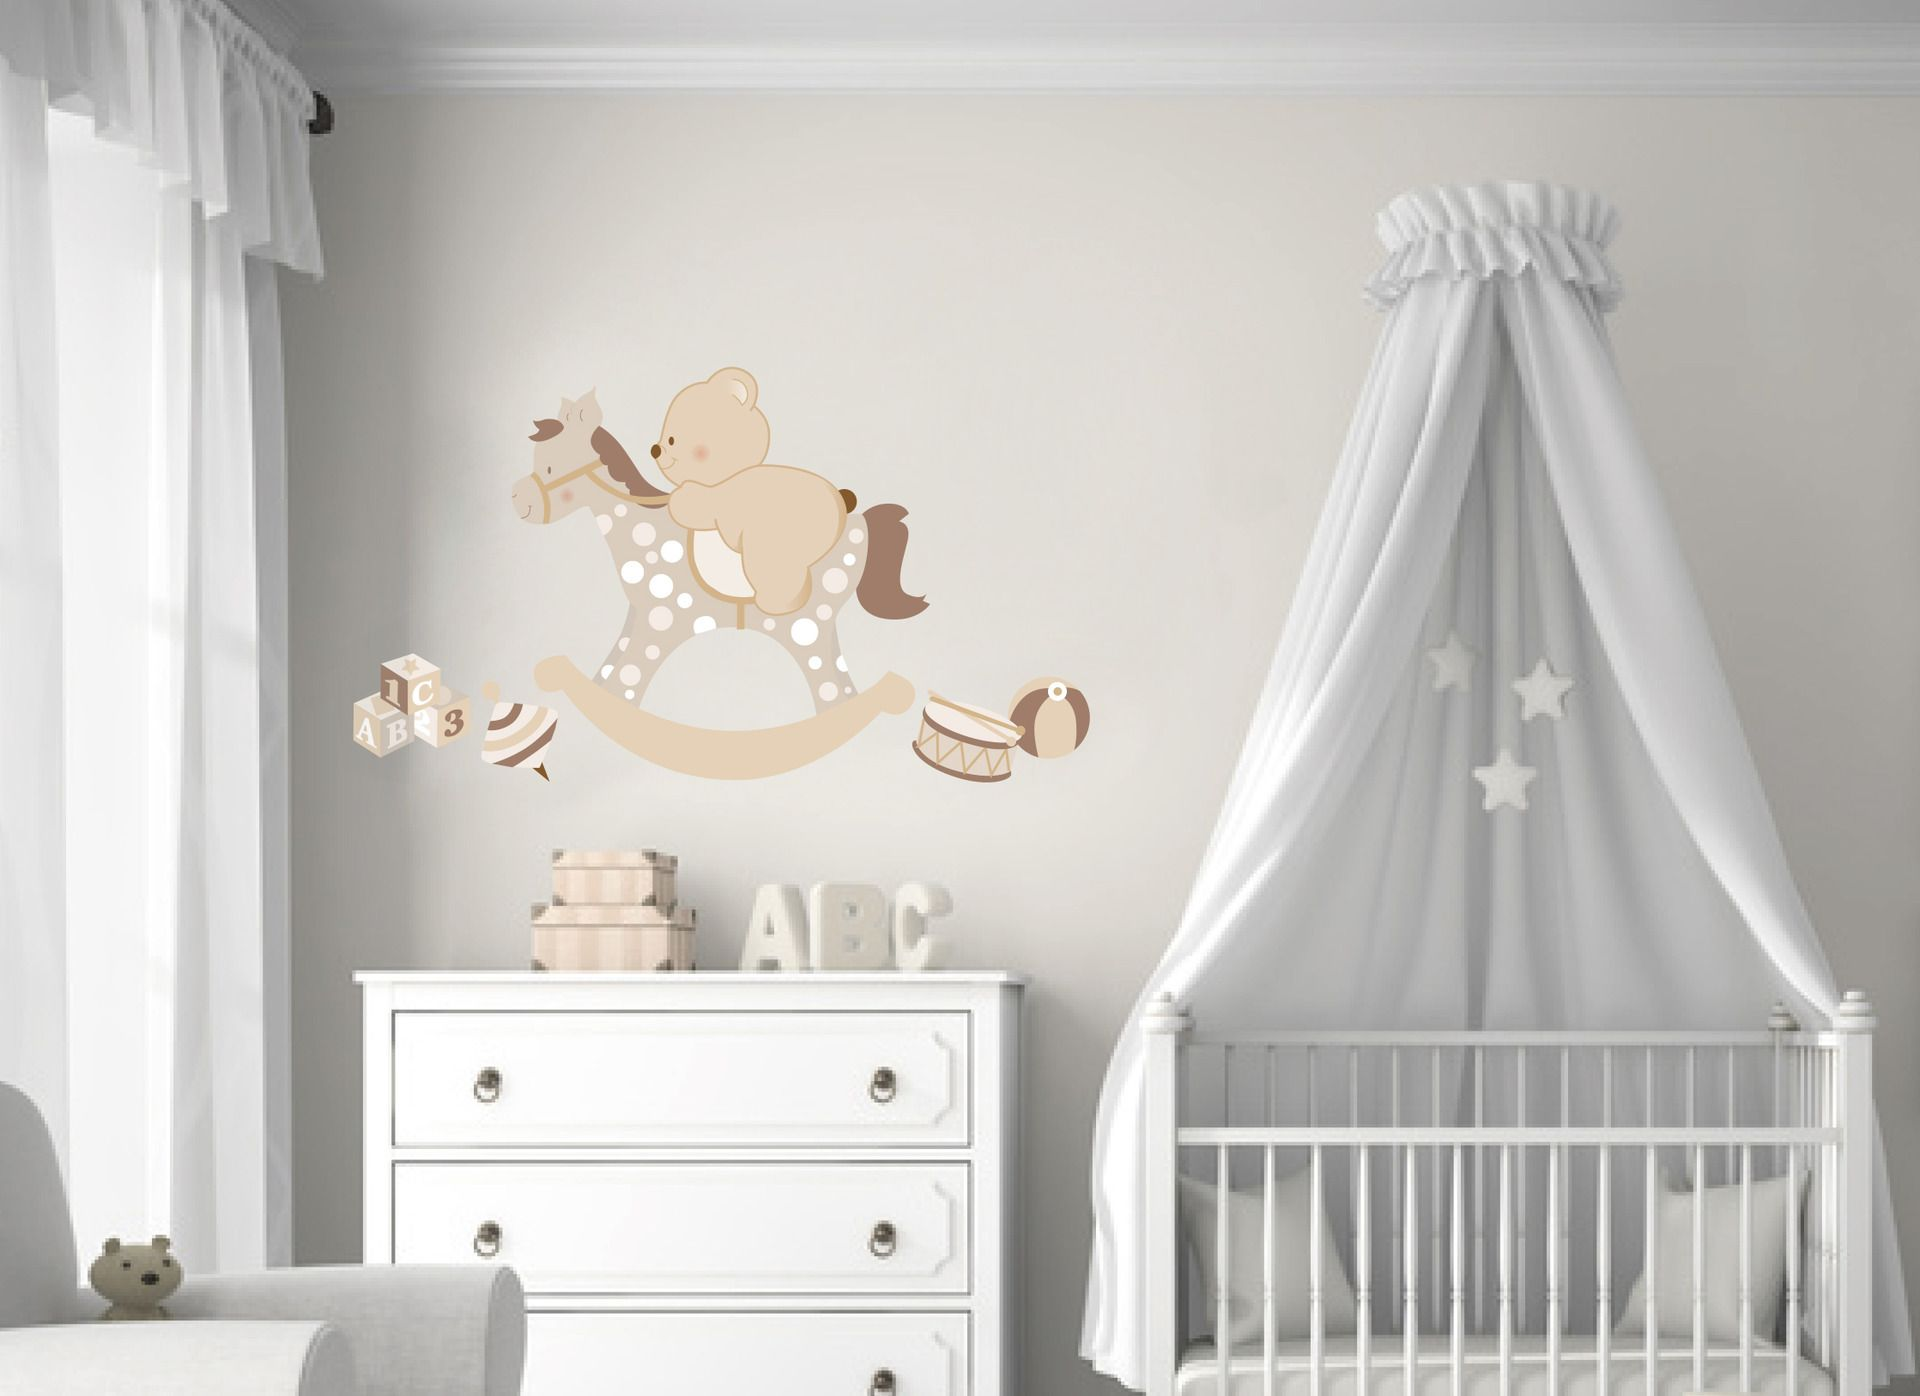 Adesivi Murali Bambini, Decorazioni Camerette, Cavallo a dondolo : Decorazioni per camerette bambini di labandadelriccio